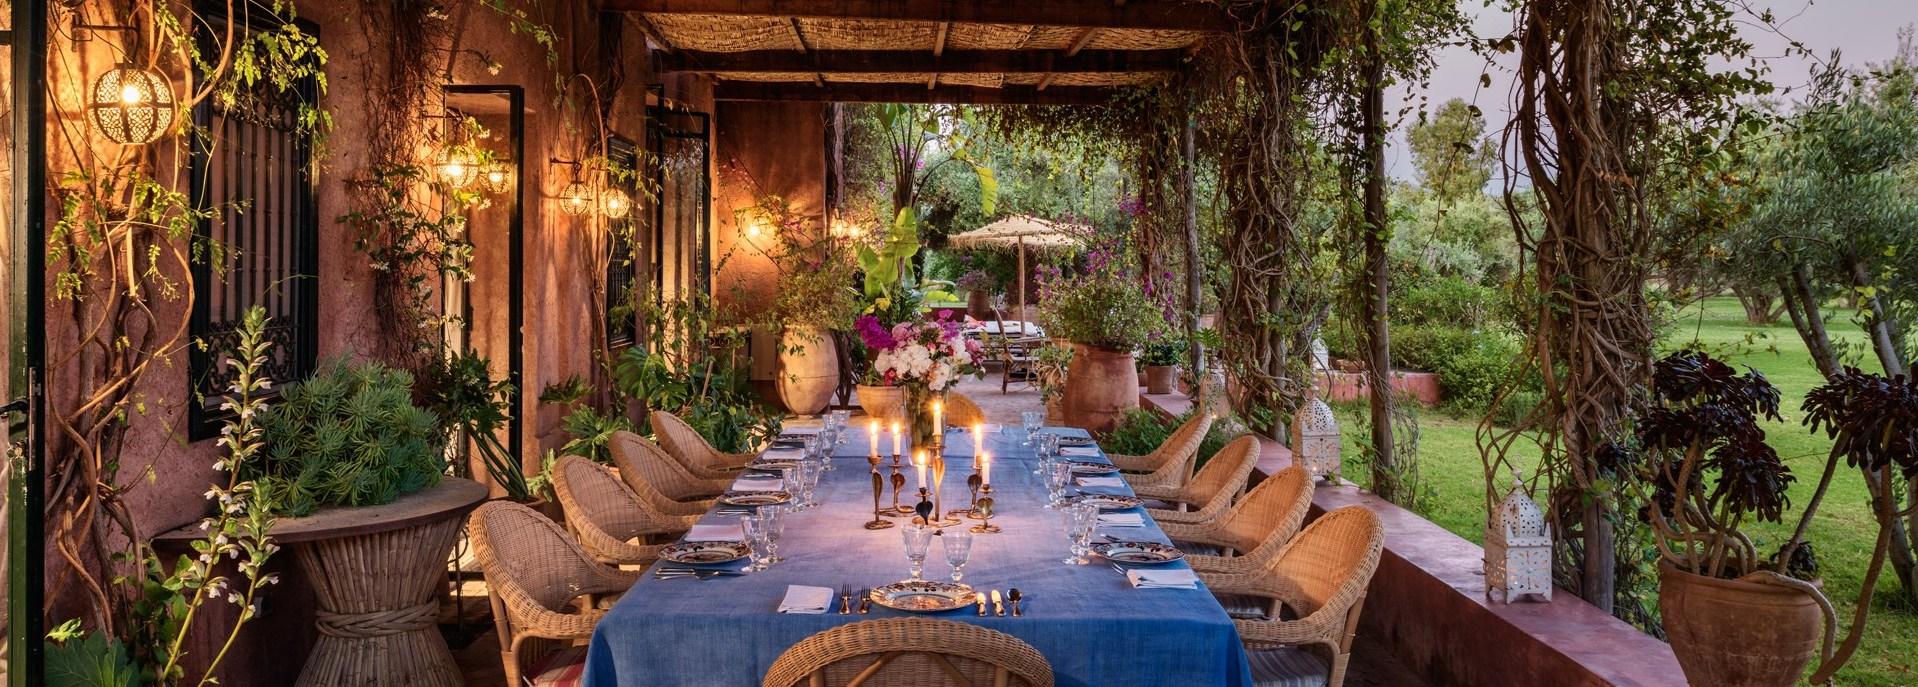 10-bedroom-family-villa-marrakech